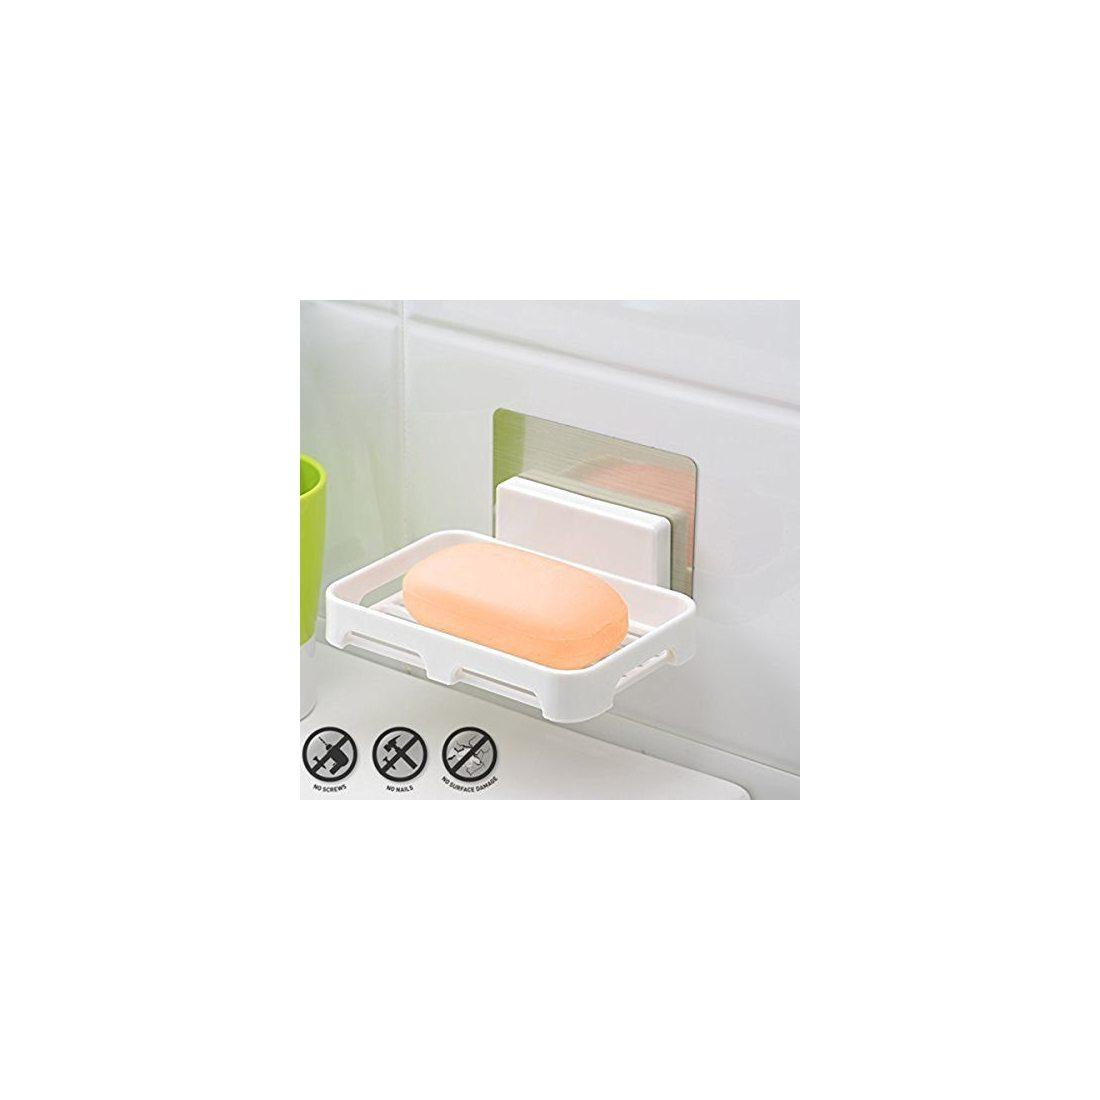 Facile fixer kurelle porte savon salle de bain support - Porte savon salle de bain ...